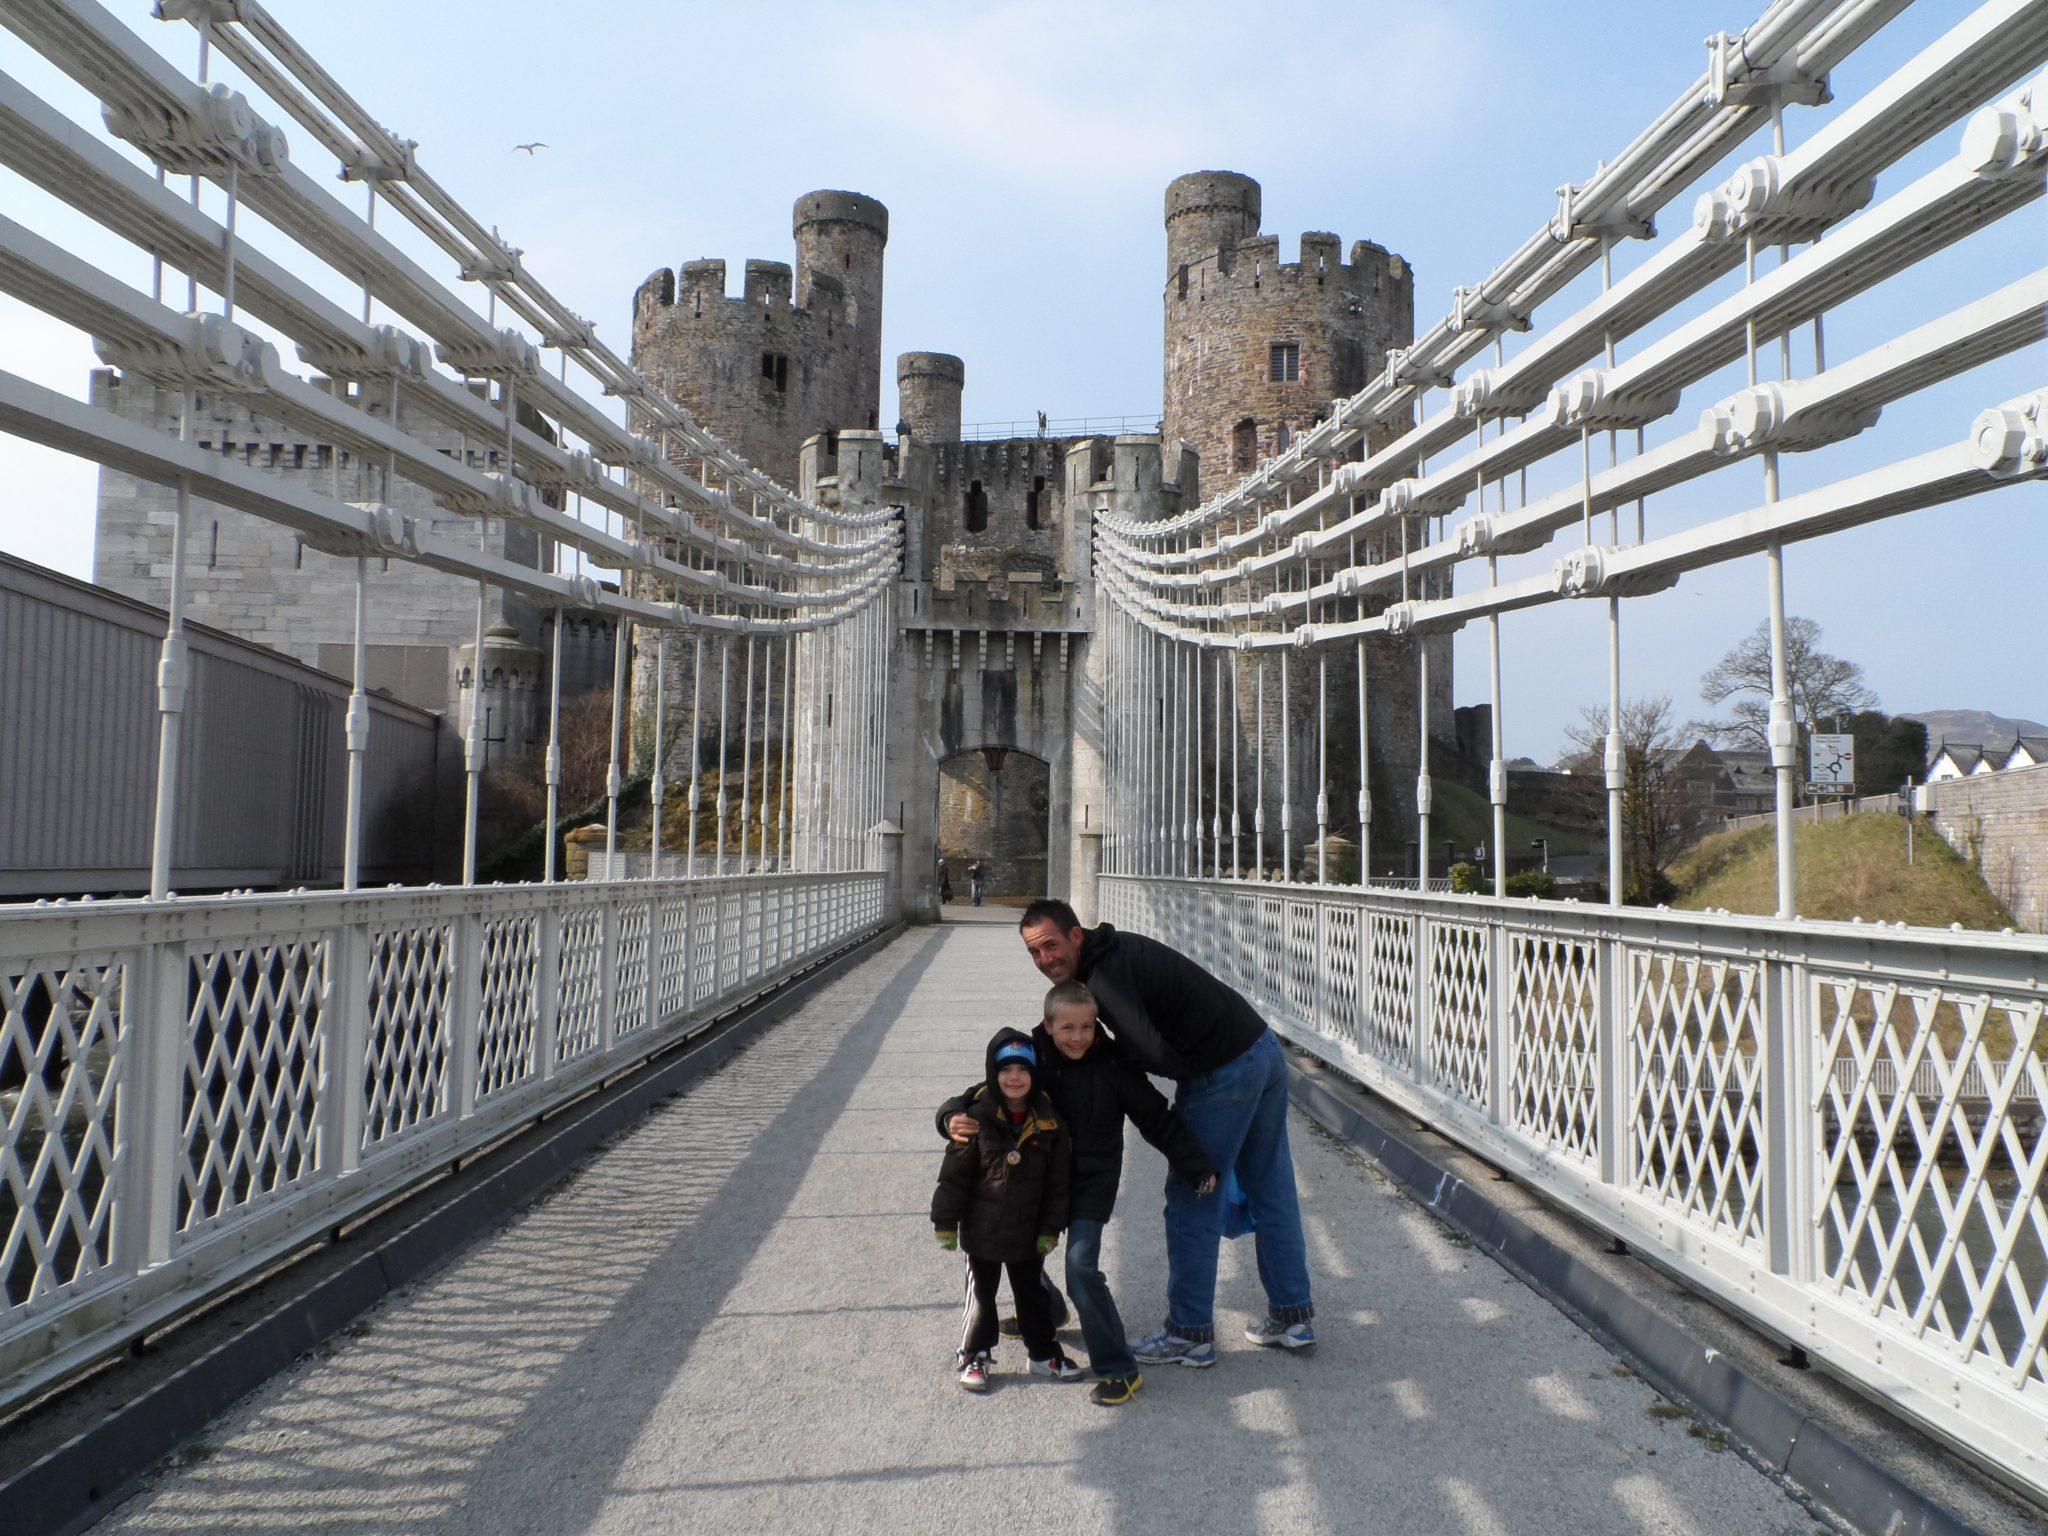 Conwy, Wales - Suspension Bridge